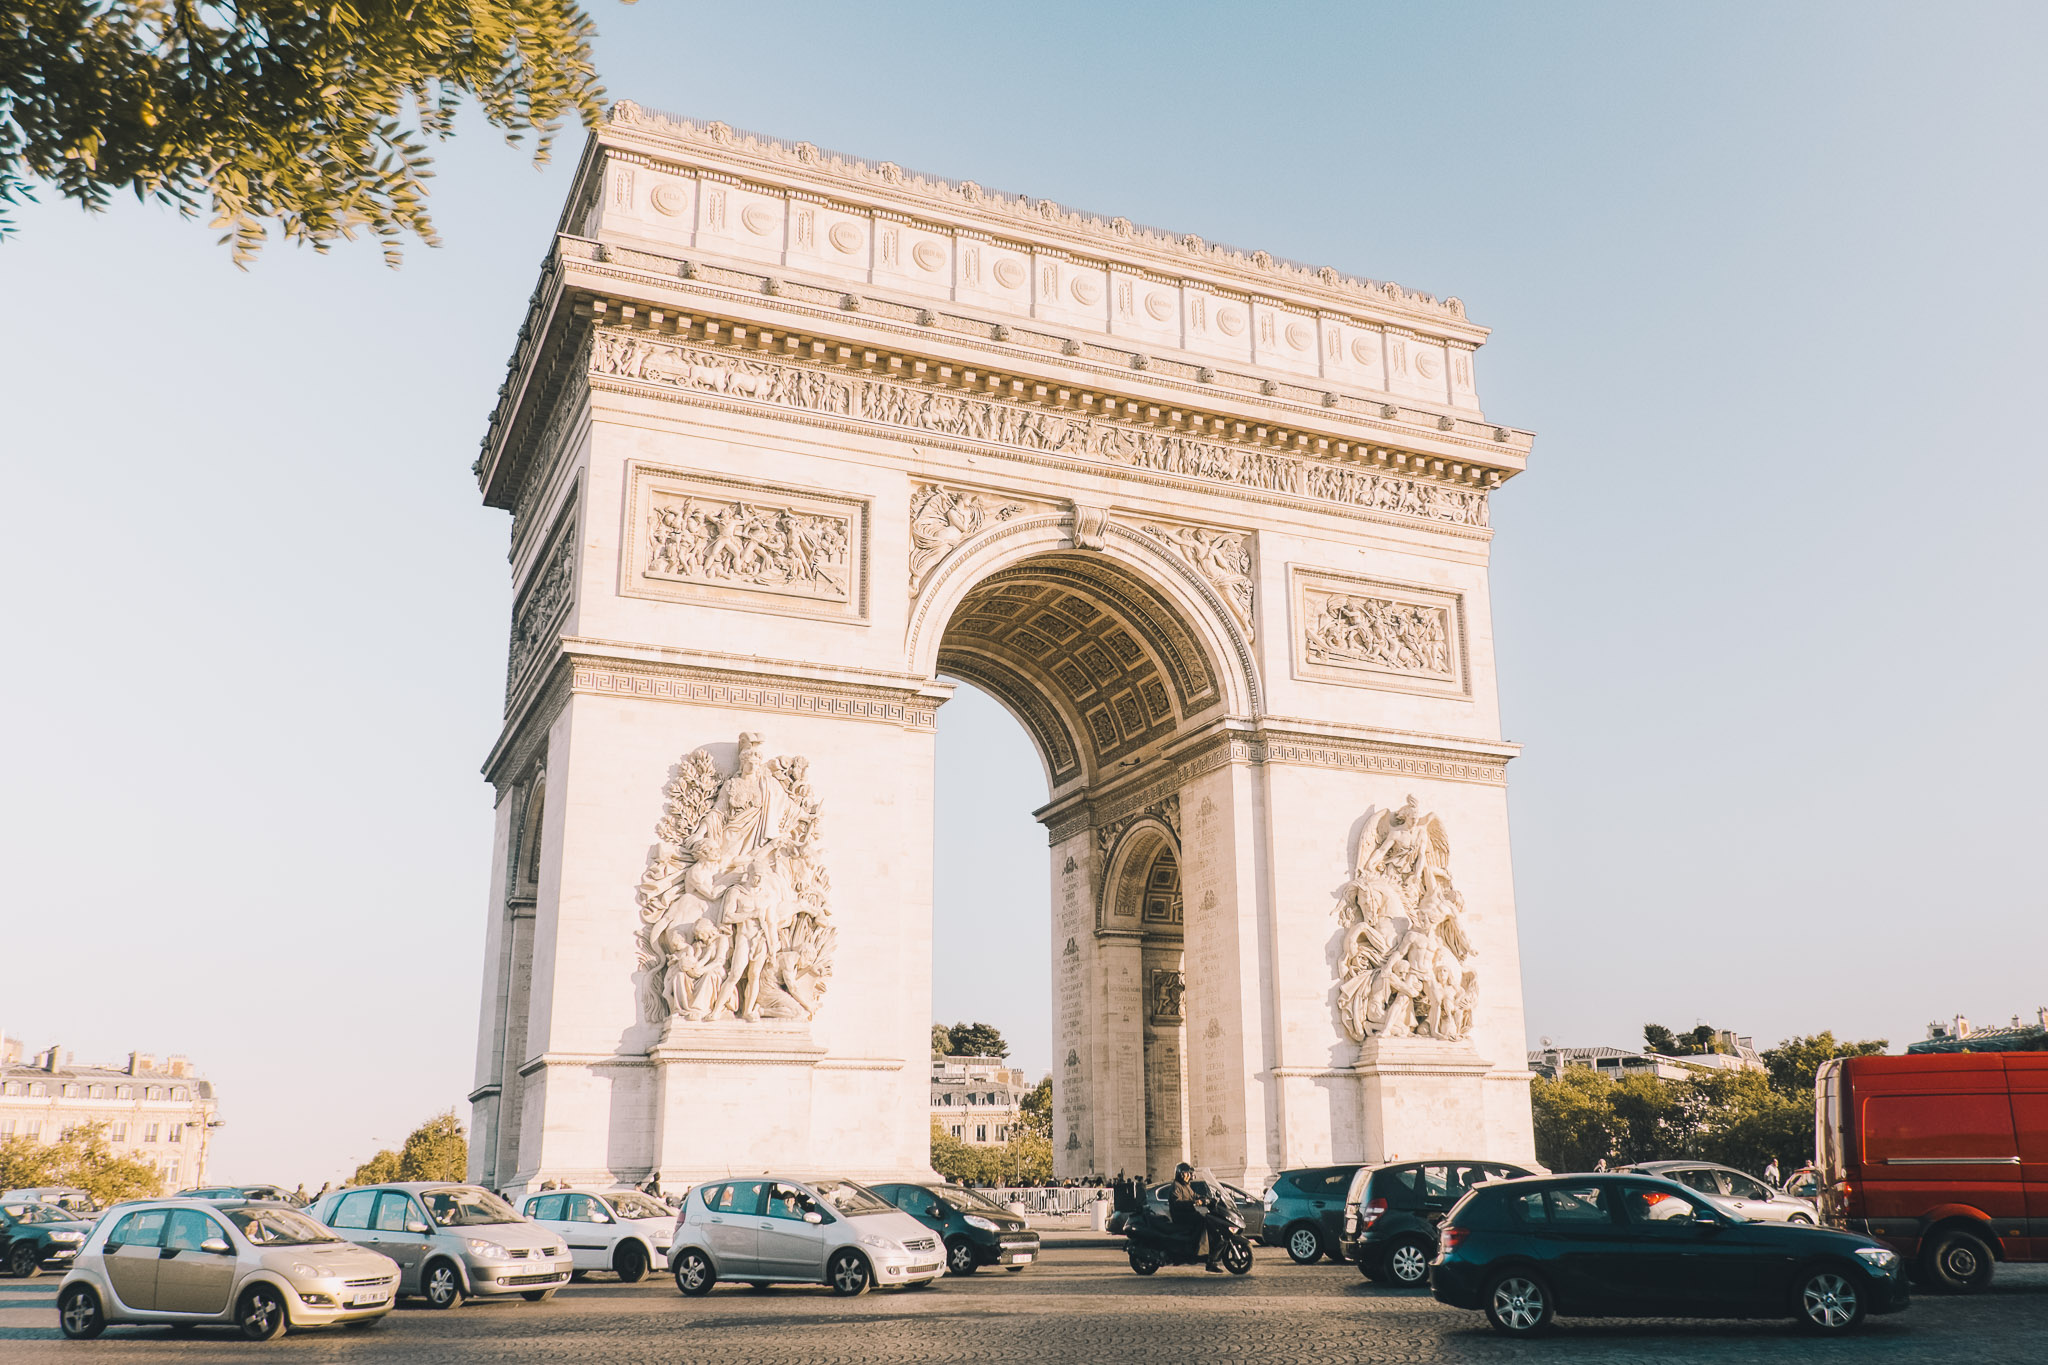 france-paris-arc-de-triomphe.jpg